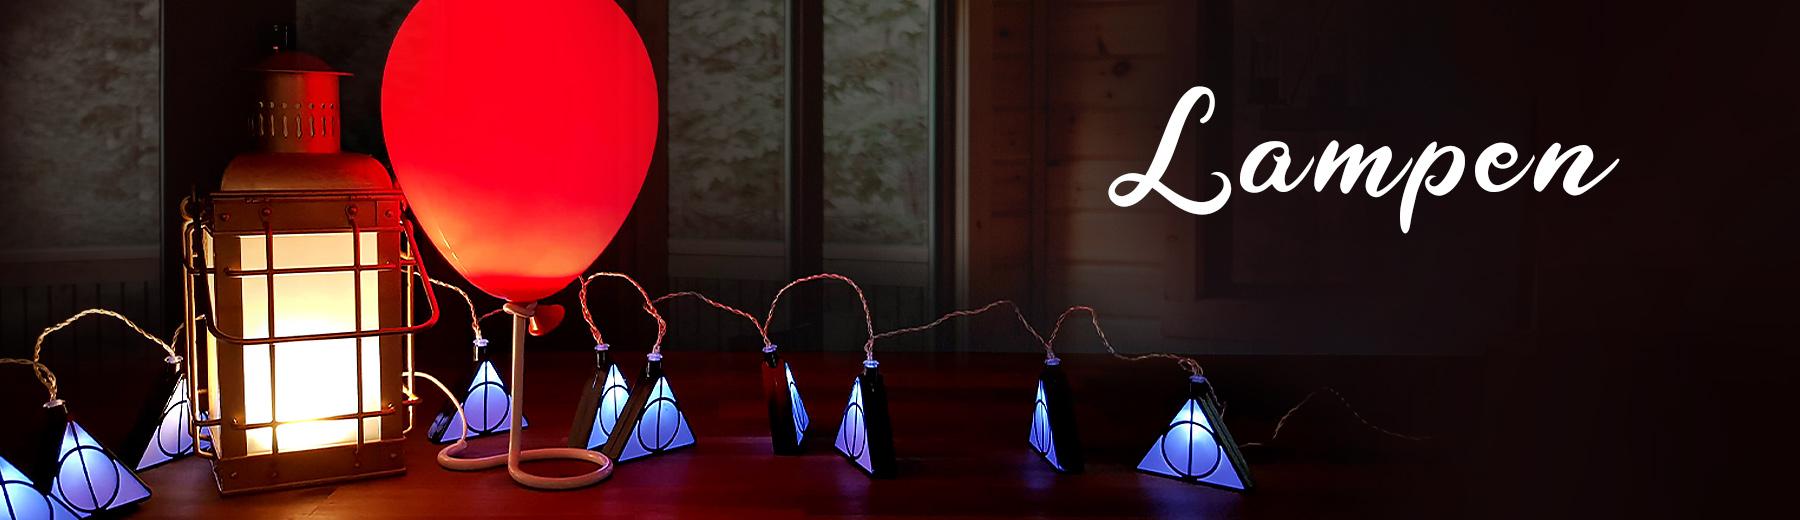 Full Size of Lampen Für Küche Kche Wohnen Zu Deinem Lieblingsfandom Elbenwald Pino Umziehen Granitplatten Nobilia Wanddeko Hotel Fürstenhof Bad Griesbach Deckenlampen Wohnzimmer Lampen Für Küche